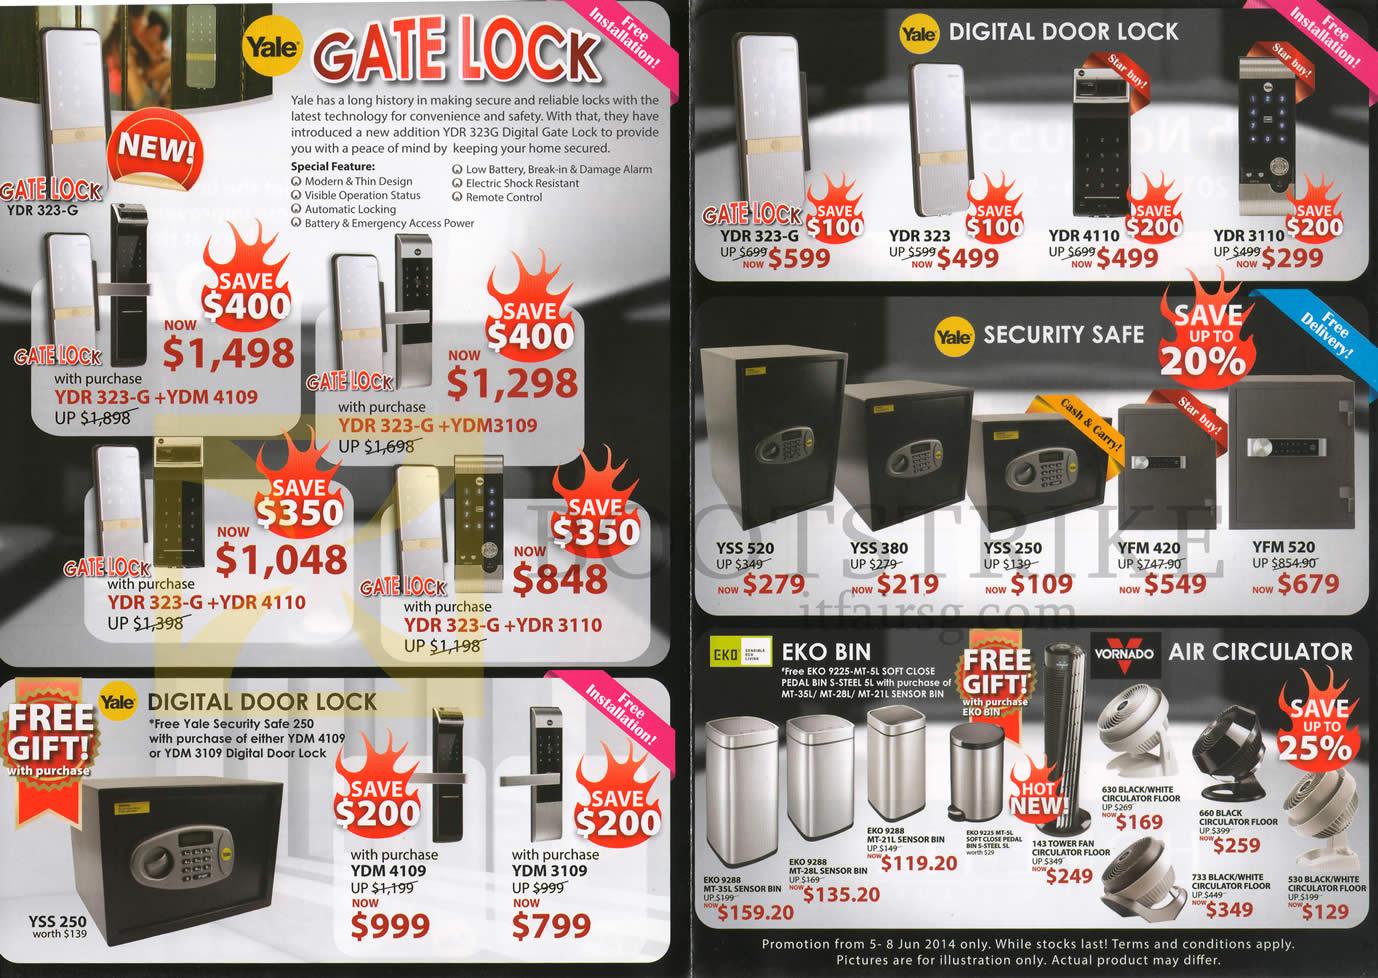 Home-Fix Yale Gate Lock, Digital Door Lock, Security Safe